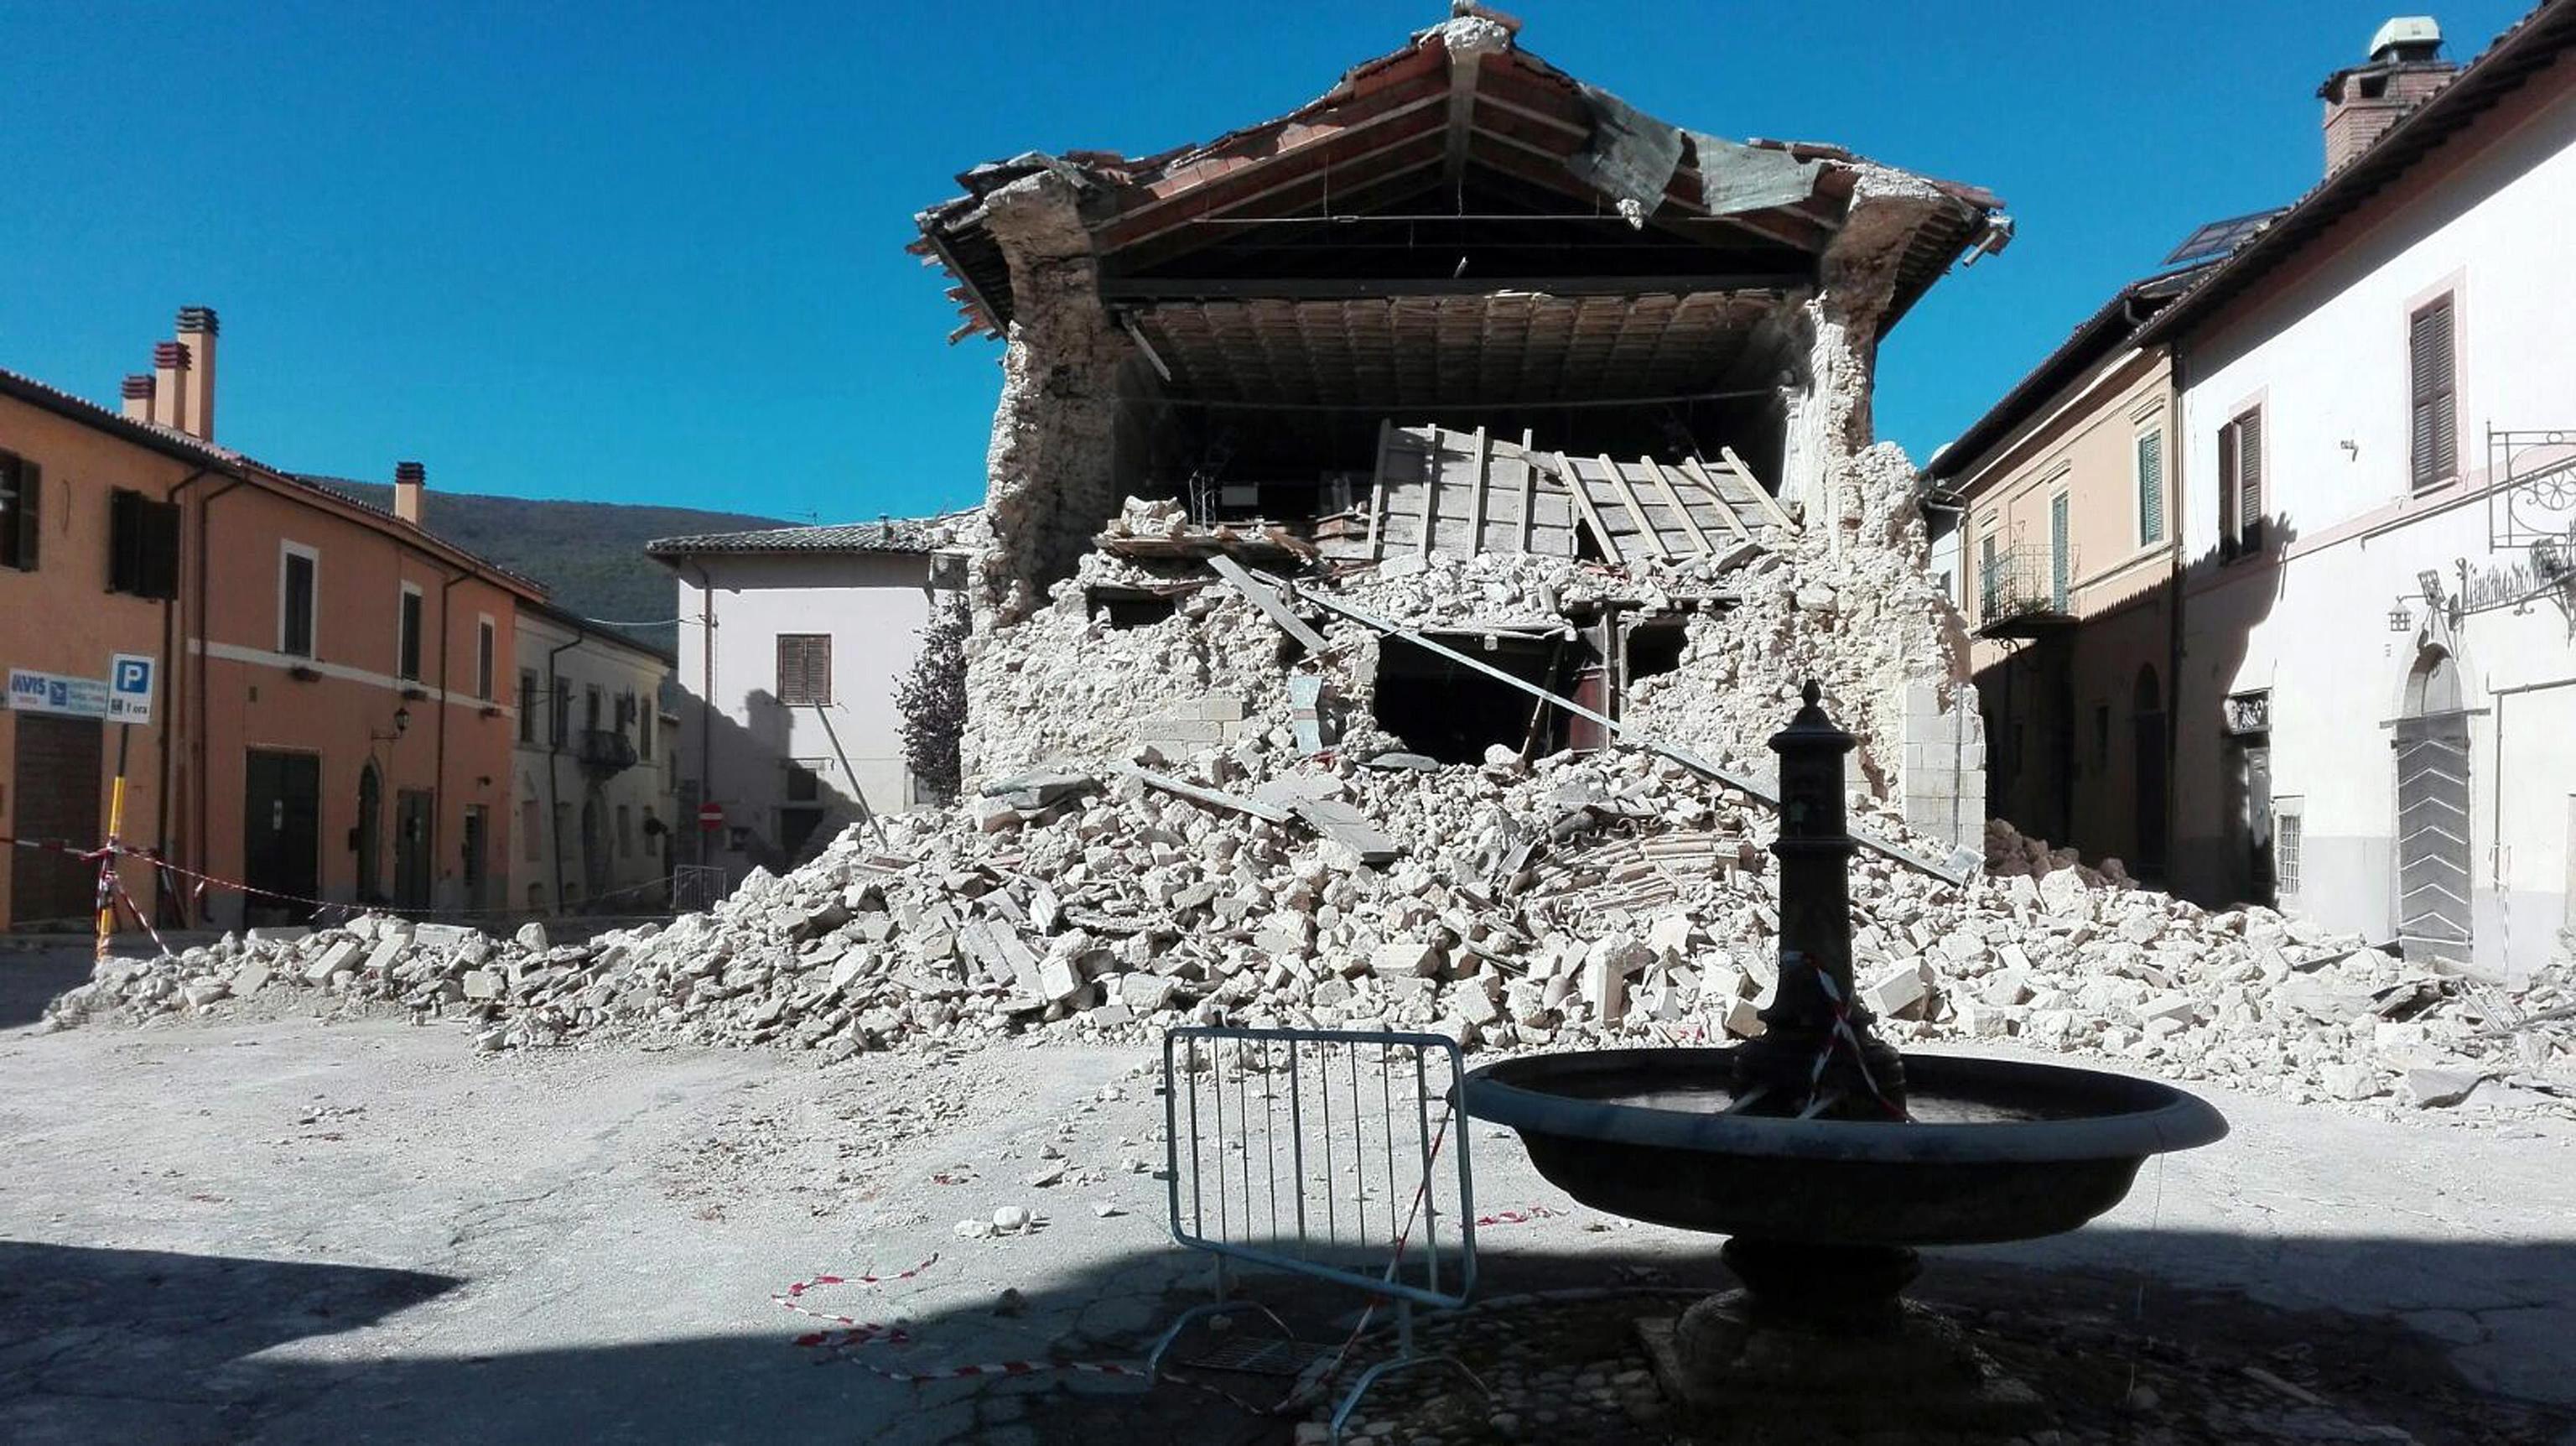 """Силно земетресение разтърси Централна и Южна Италия тази сутрин. Трусът е с магнитуд между 6,1 и 6,6 по Рихтер. Епицентърът на труса е на 132 км североизточно от Рим и на 67 км източно от град Перуджа. пострадала от труса. Няма жертви при бедствието. Трусът обаче заличи две емблематични сгради за Италия - базиликата """"Св. Бенедикт"""" в гр. Норча, провинция Перуджа и часовниковата кула в Аматриче."""